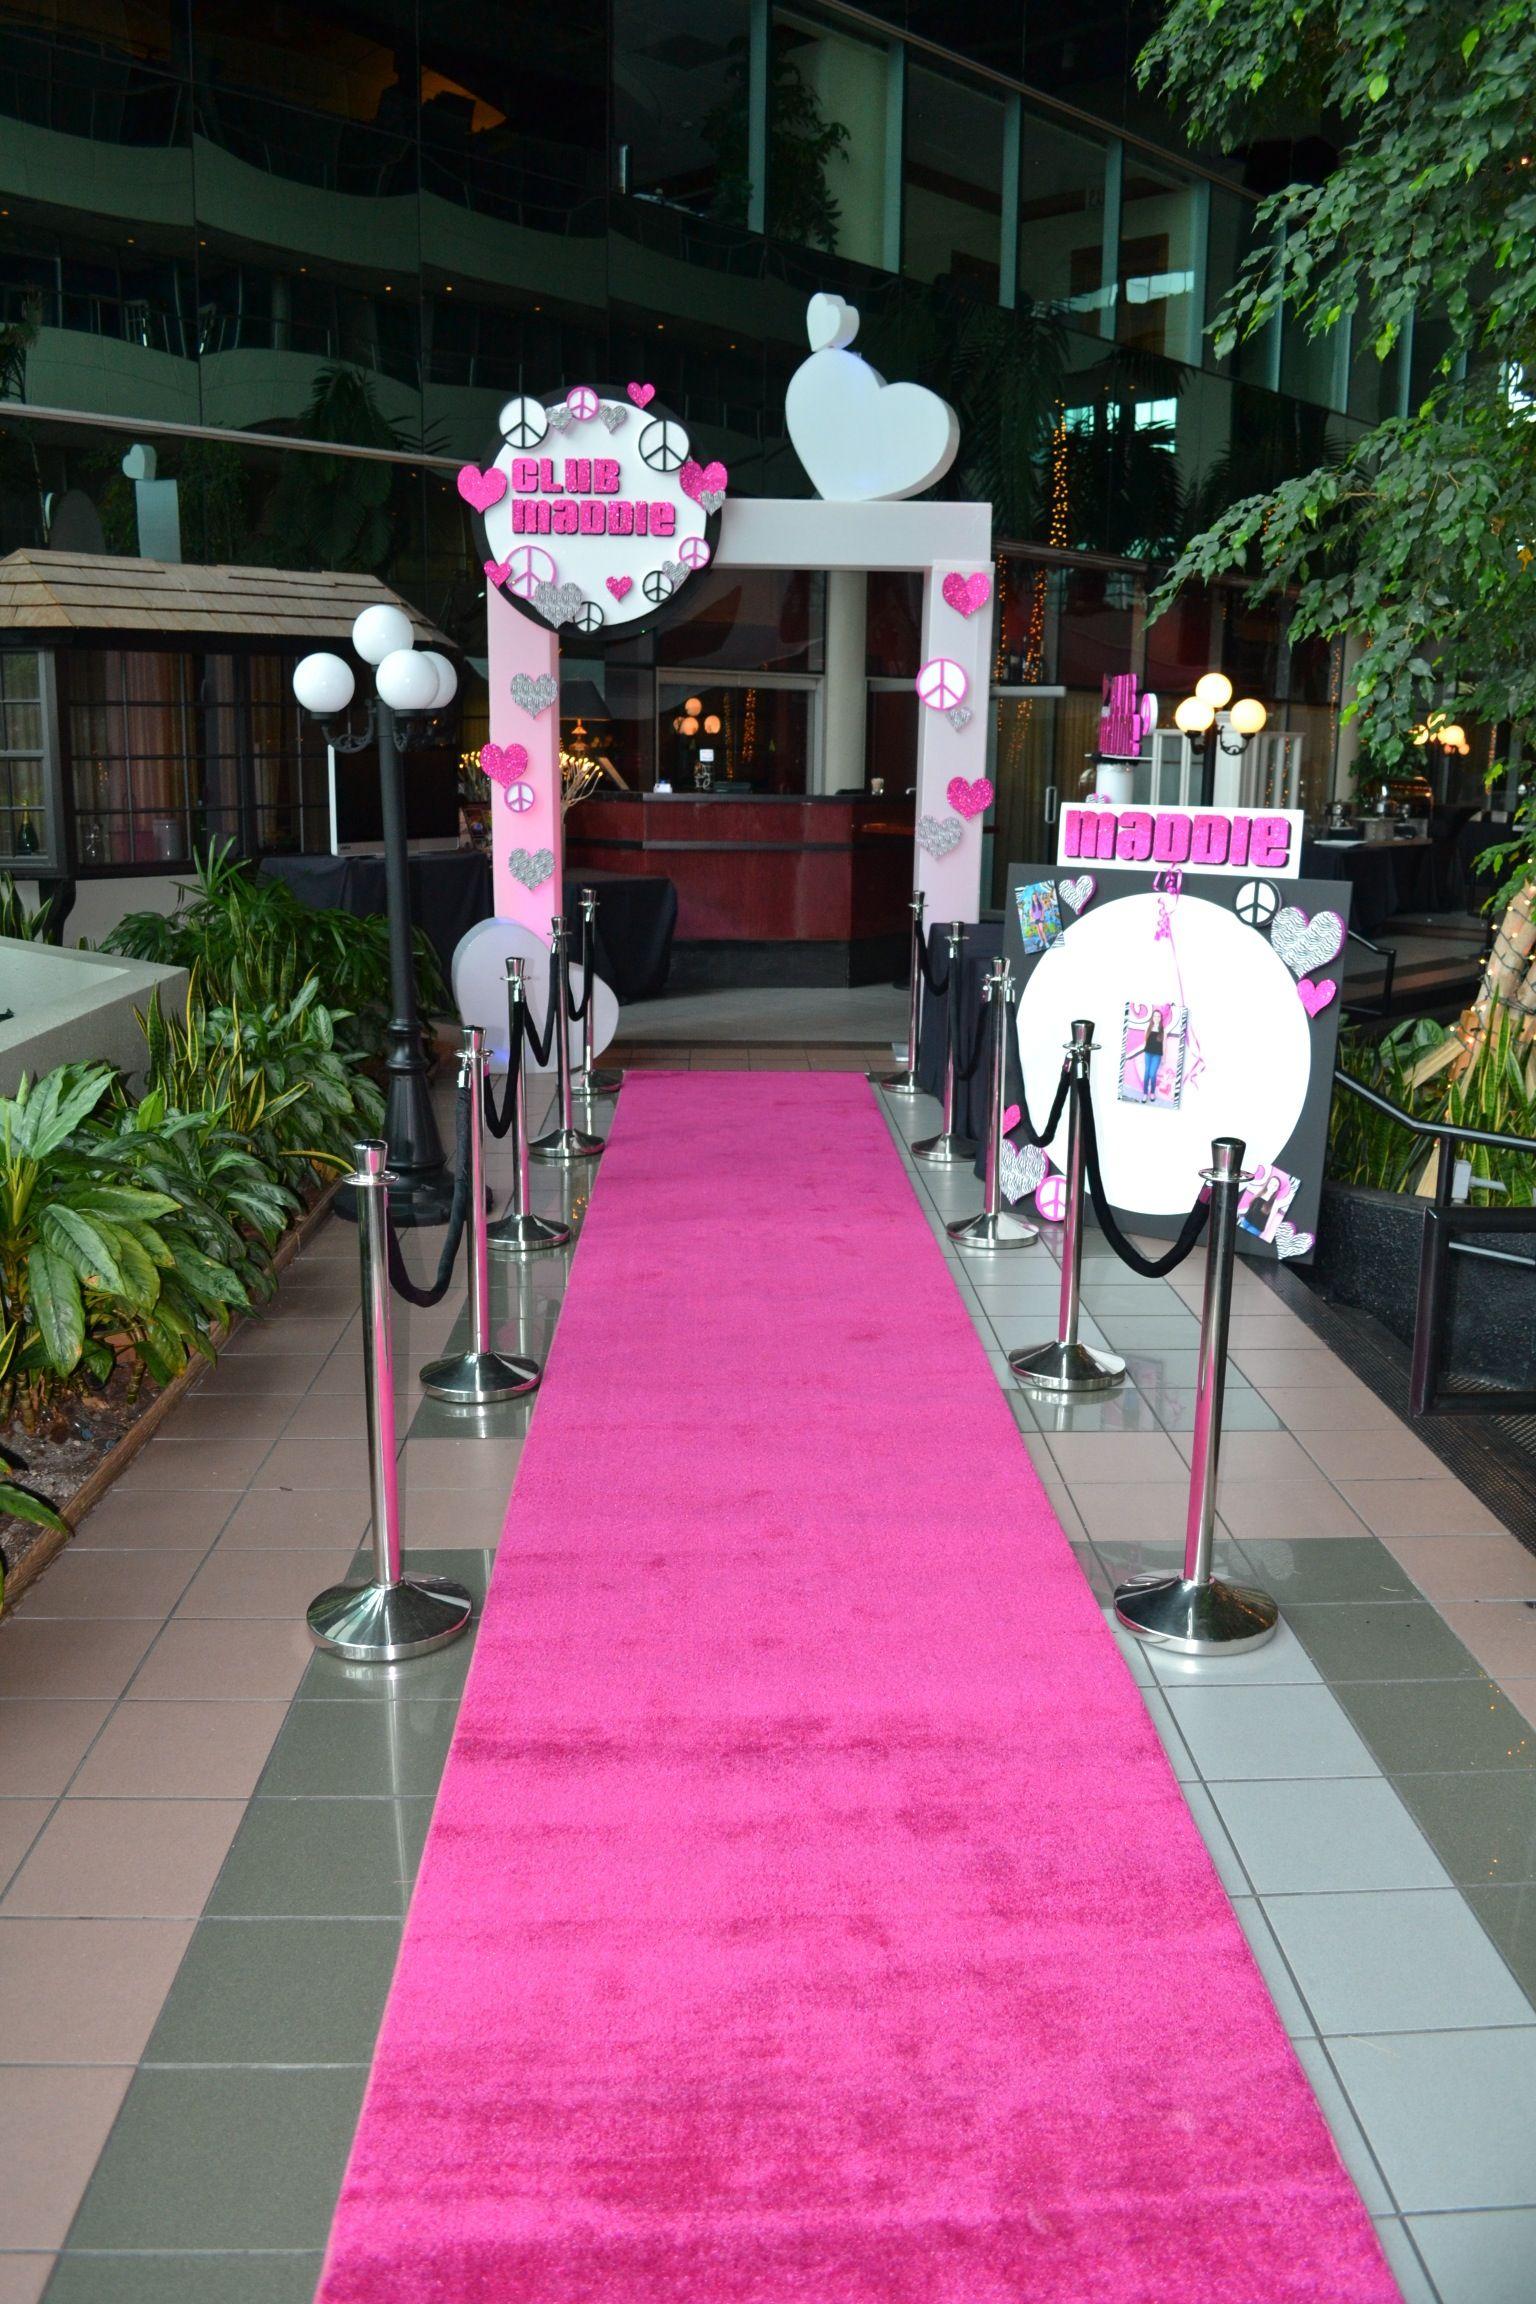 Bat mitzvah event decor pink carpet entrance party perfect